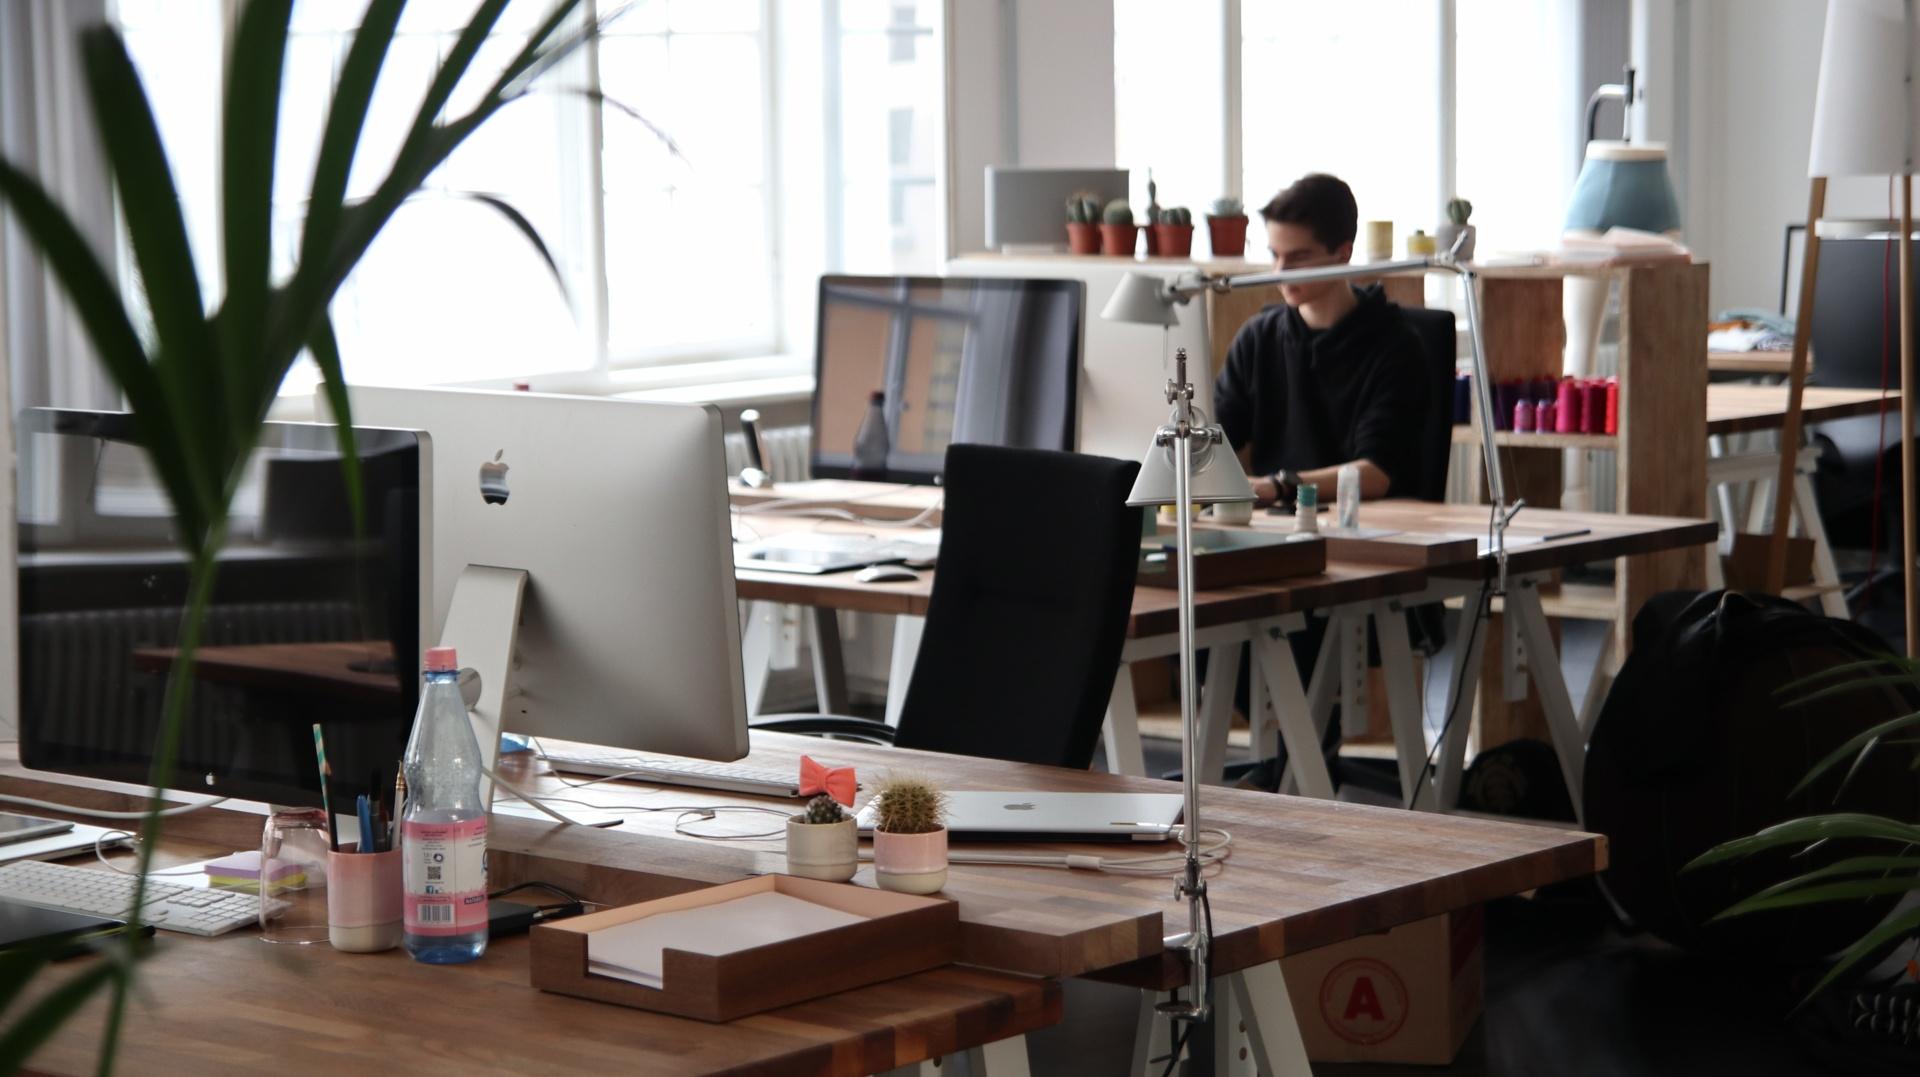 L'équipe Artifica est compétente et expérimentée en design et développement web.